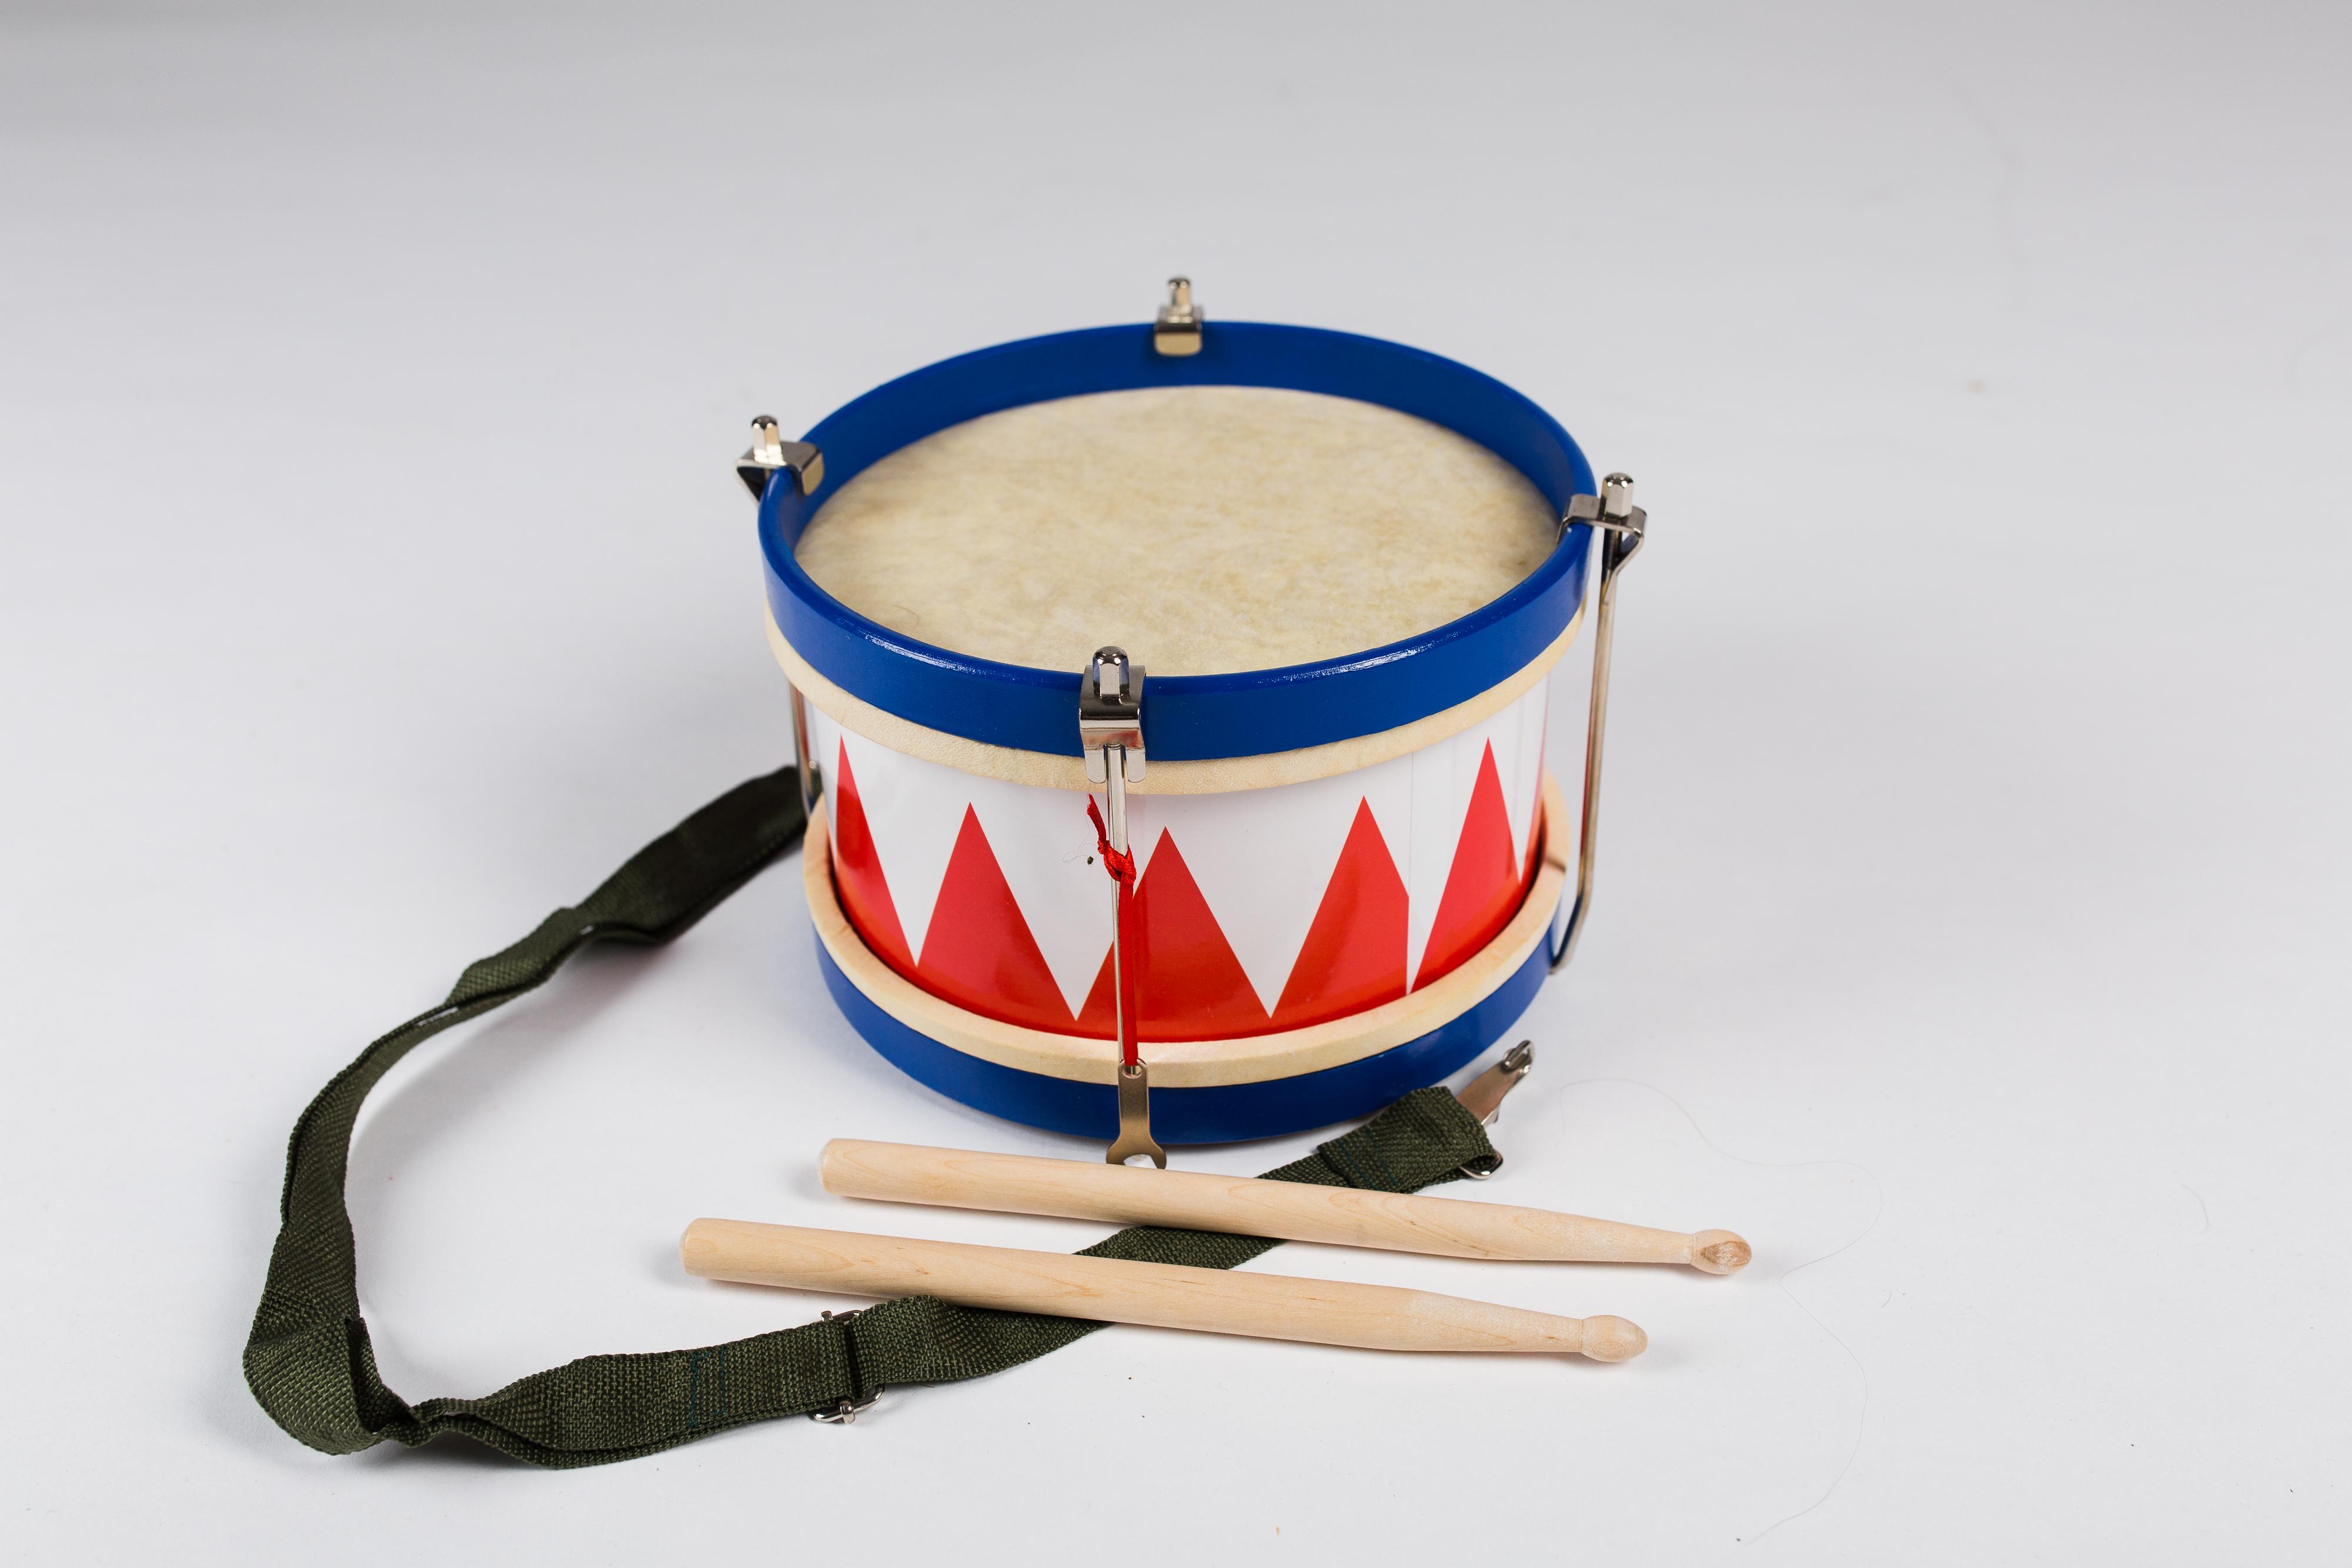 Картинка с барабаном